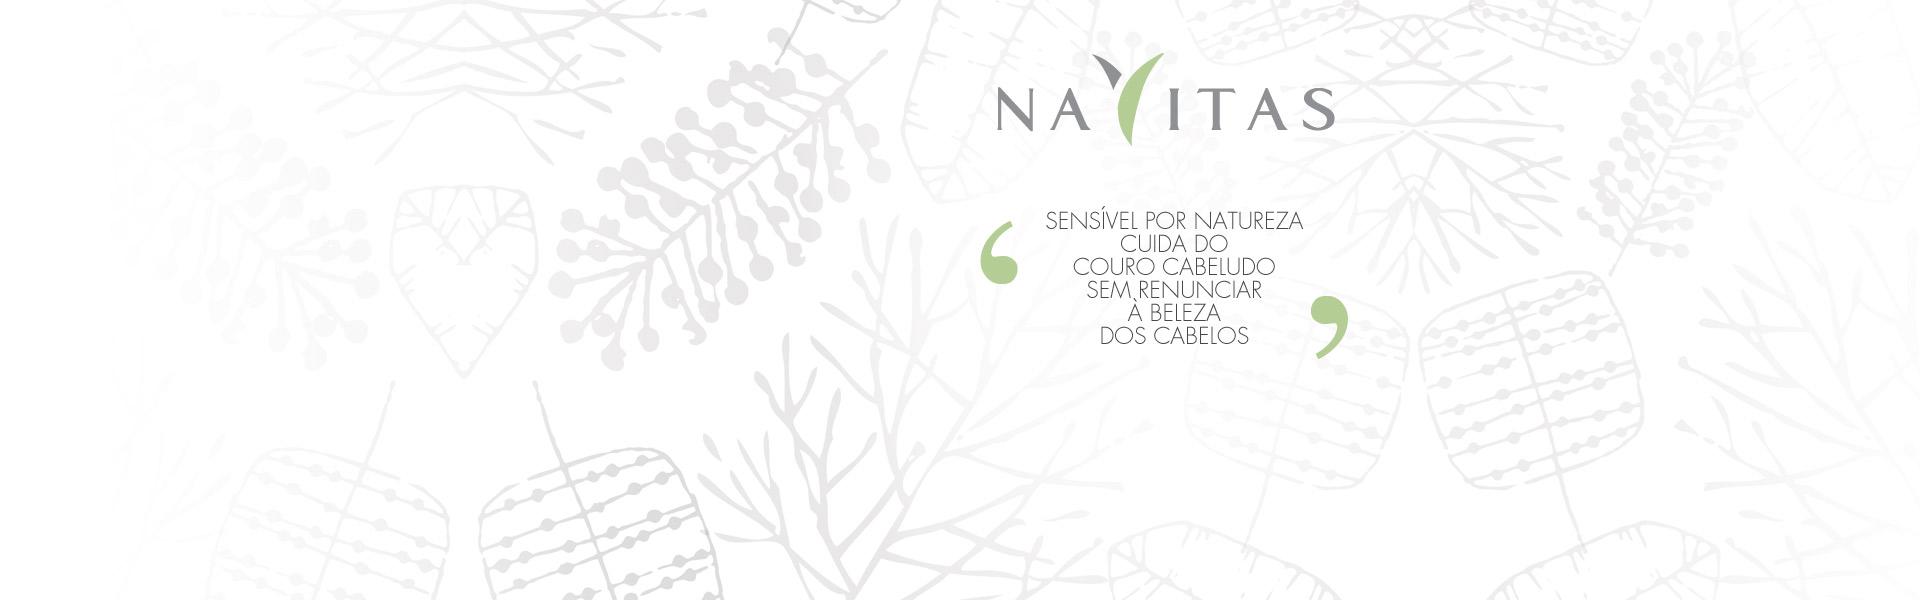 navitas_PT